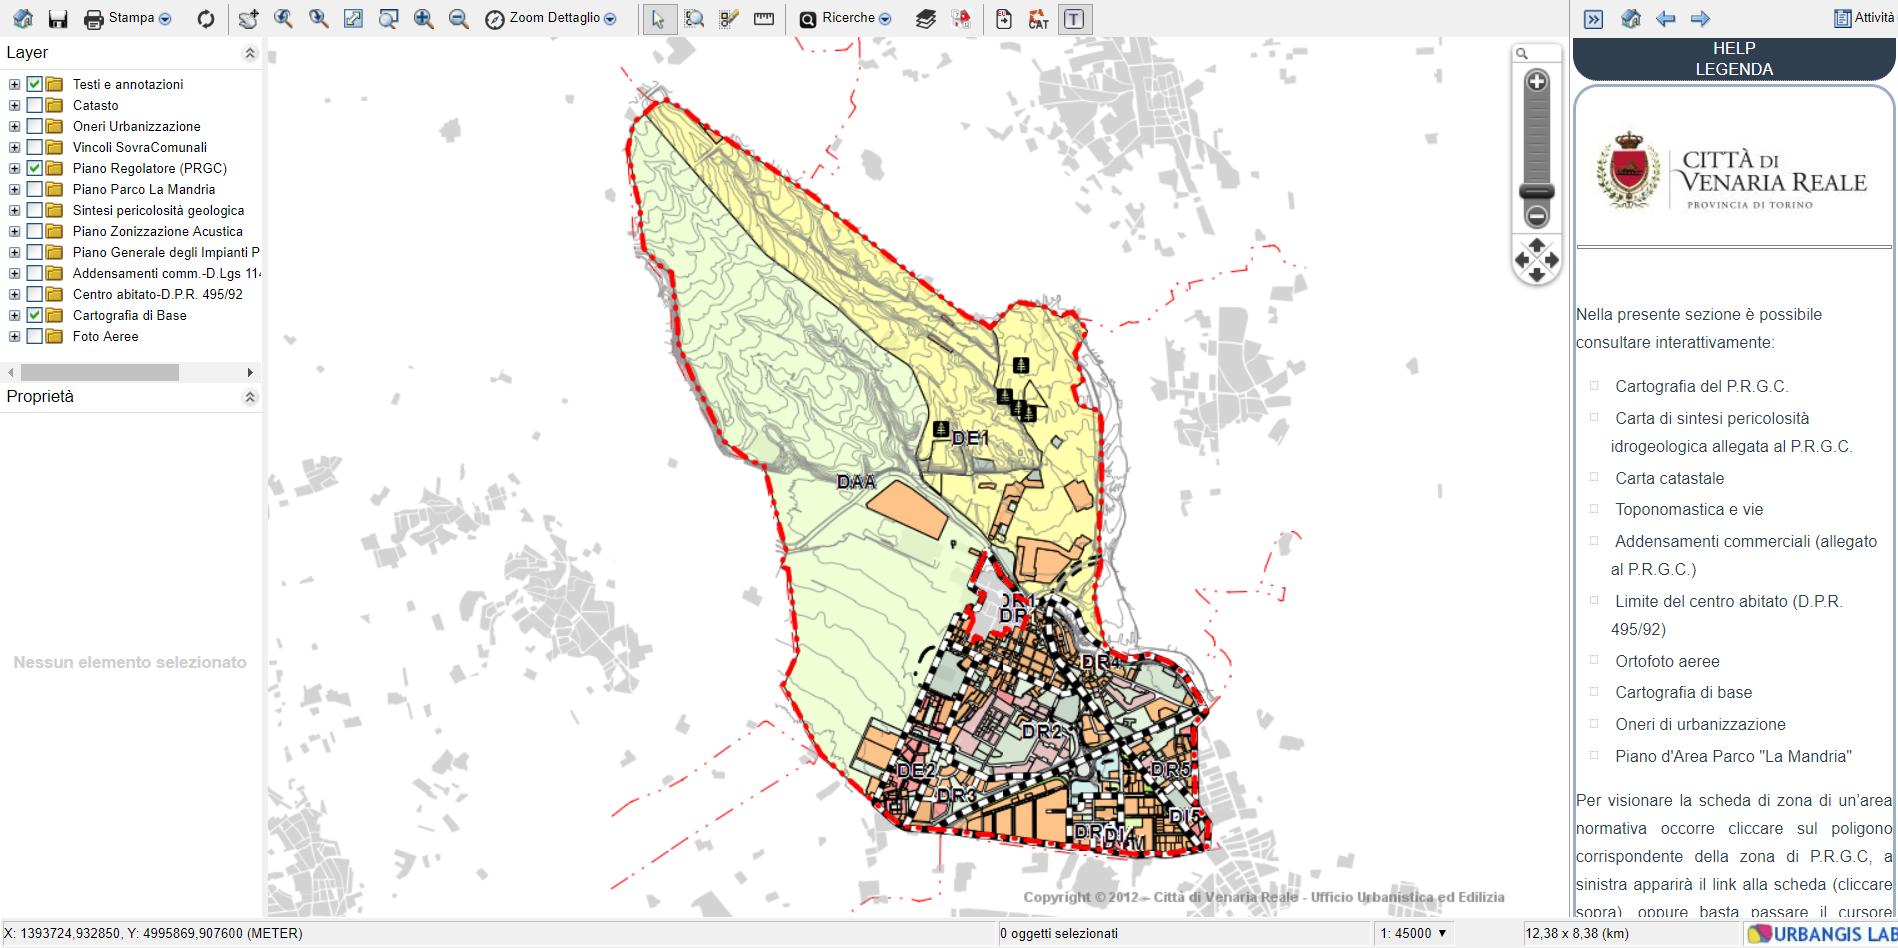 Mappa webgis mapguide os